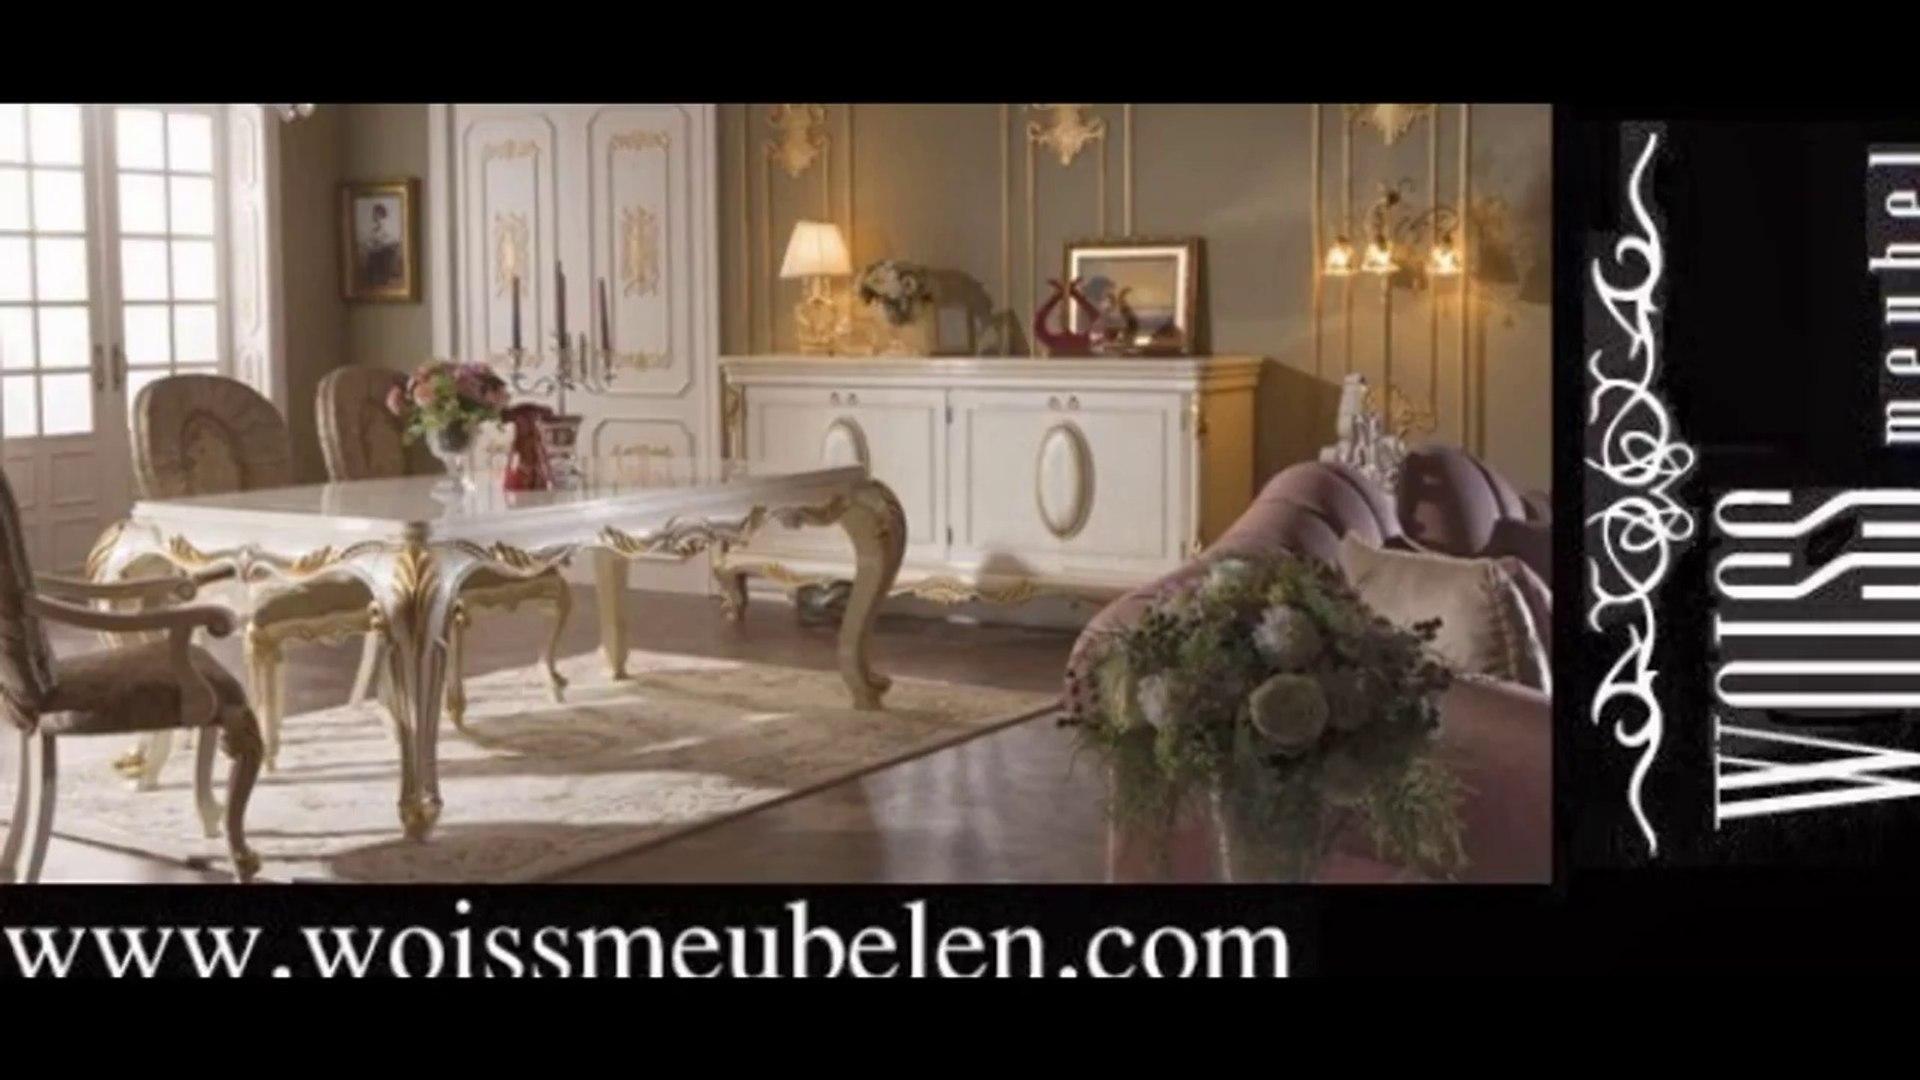 Woiss Meubels Hoogglans Barok Woonkamer Inrichting Antwerpen Dailymotion Video